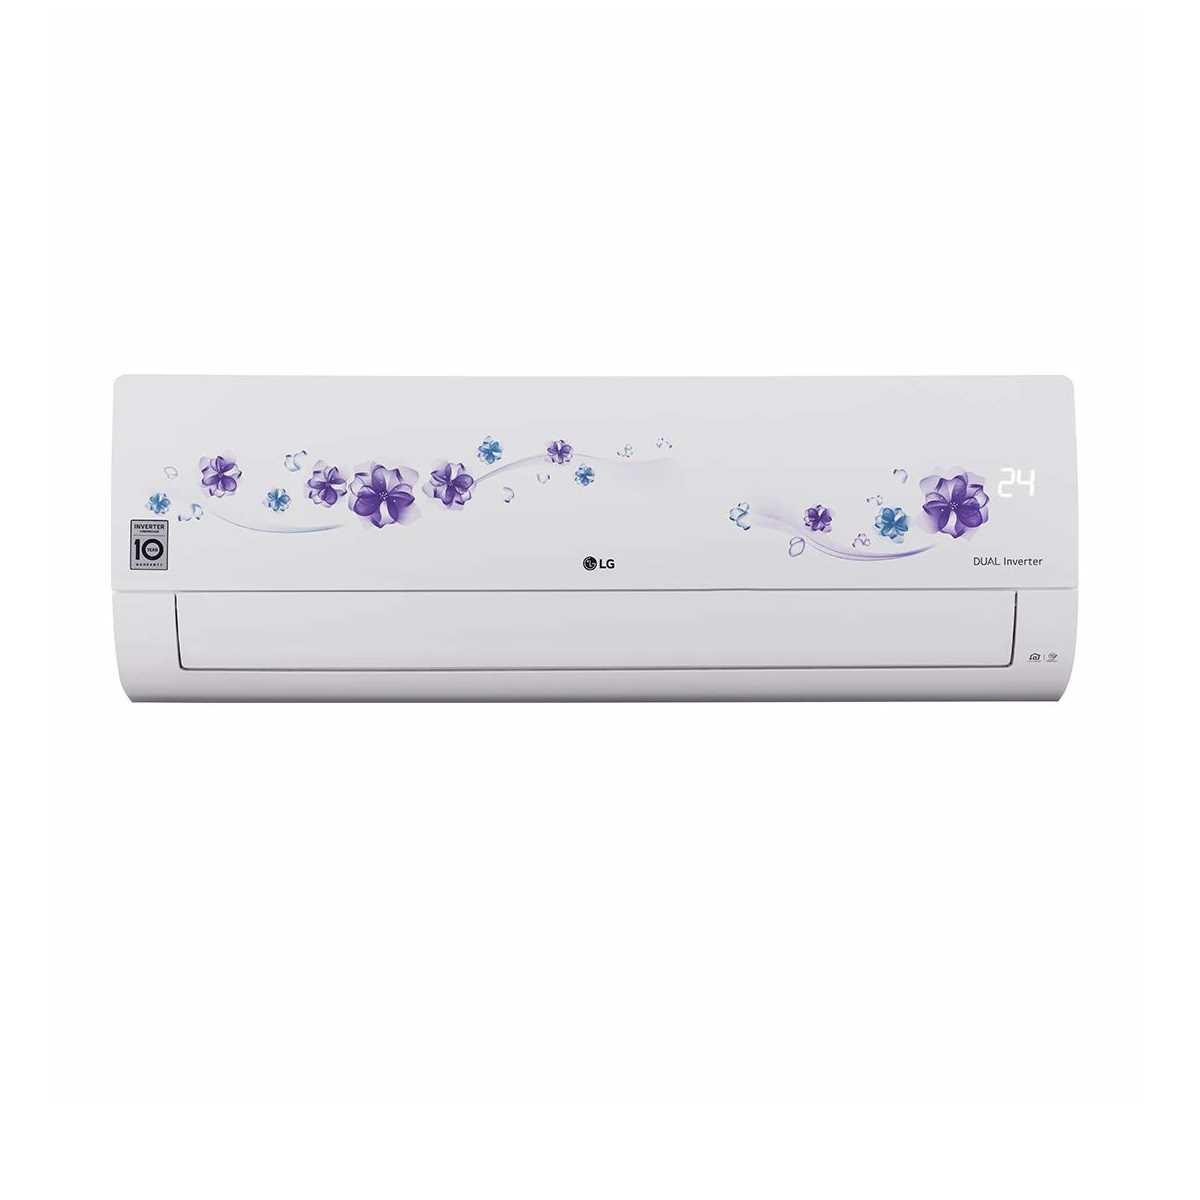 LG KS Q18FNZD 1.5 Ton 5 Star Inverter Split AC